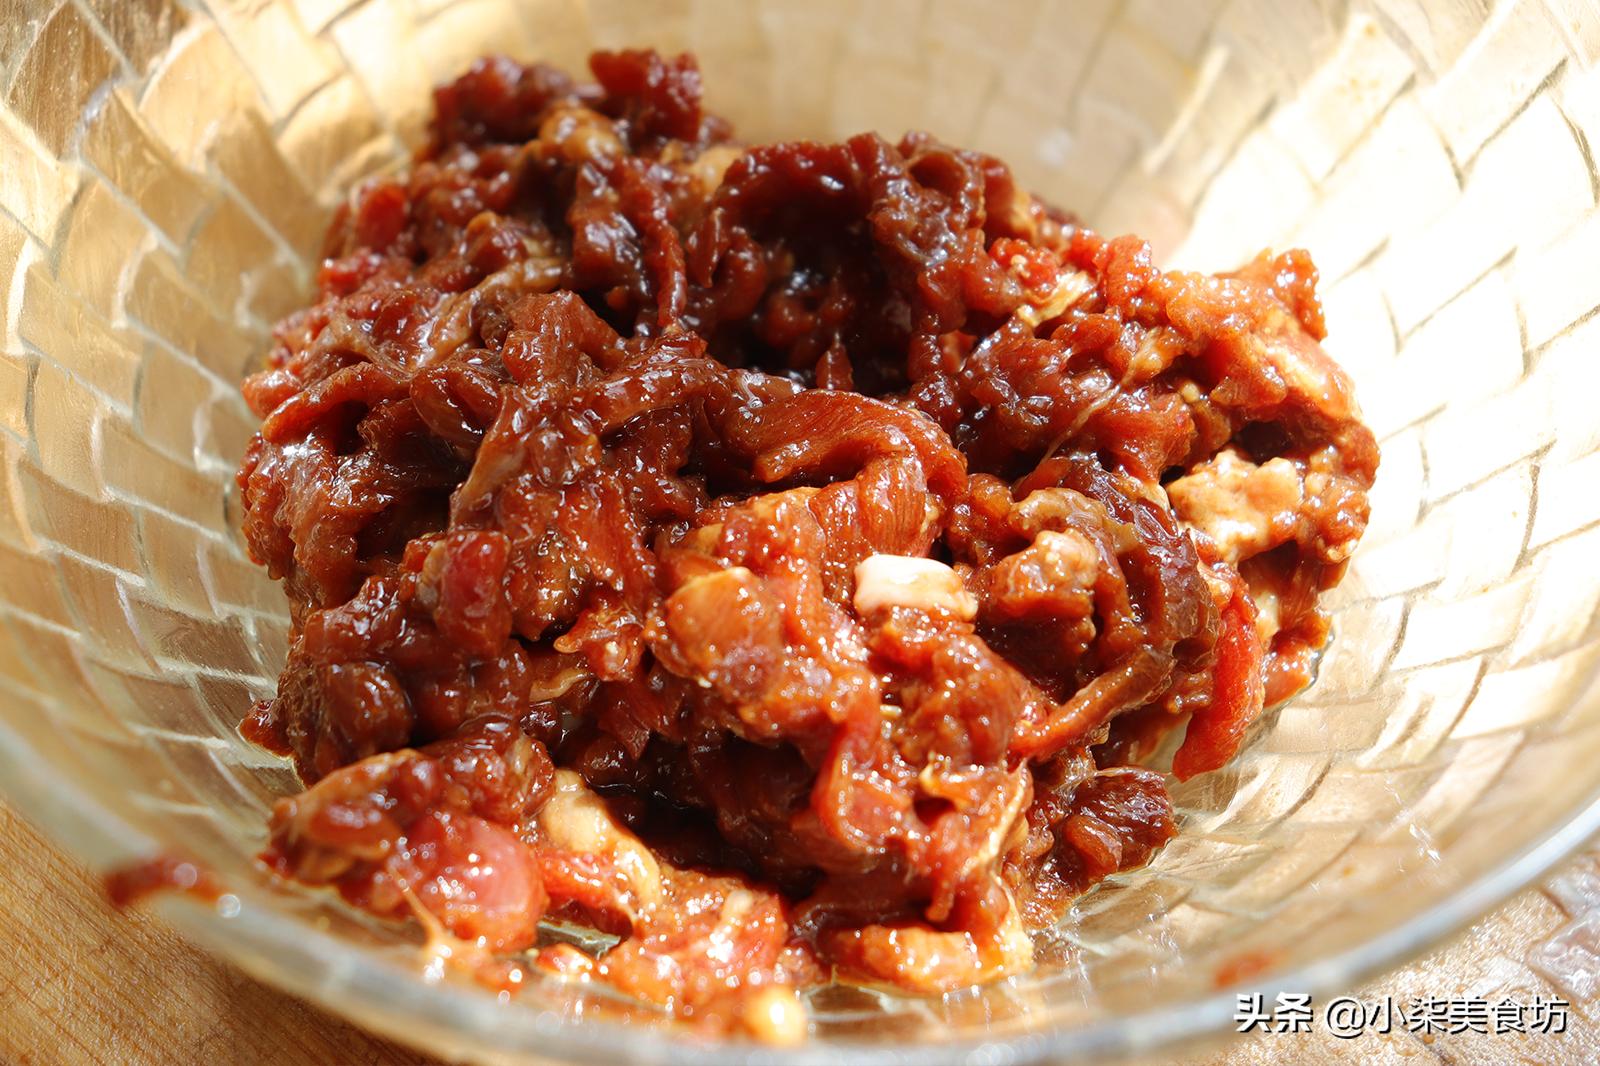 炒豆角时,切记不要直接下锅炒,多加2步,鲜嫩入味,营养又下饭 美食做法 第7张